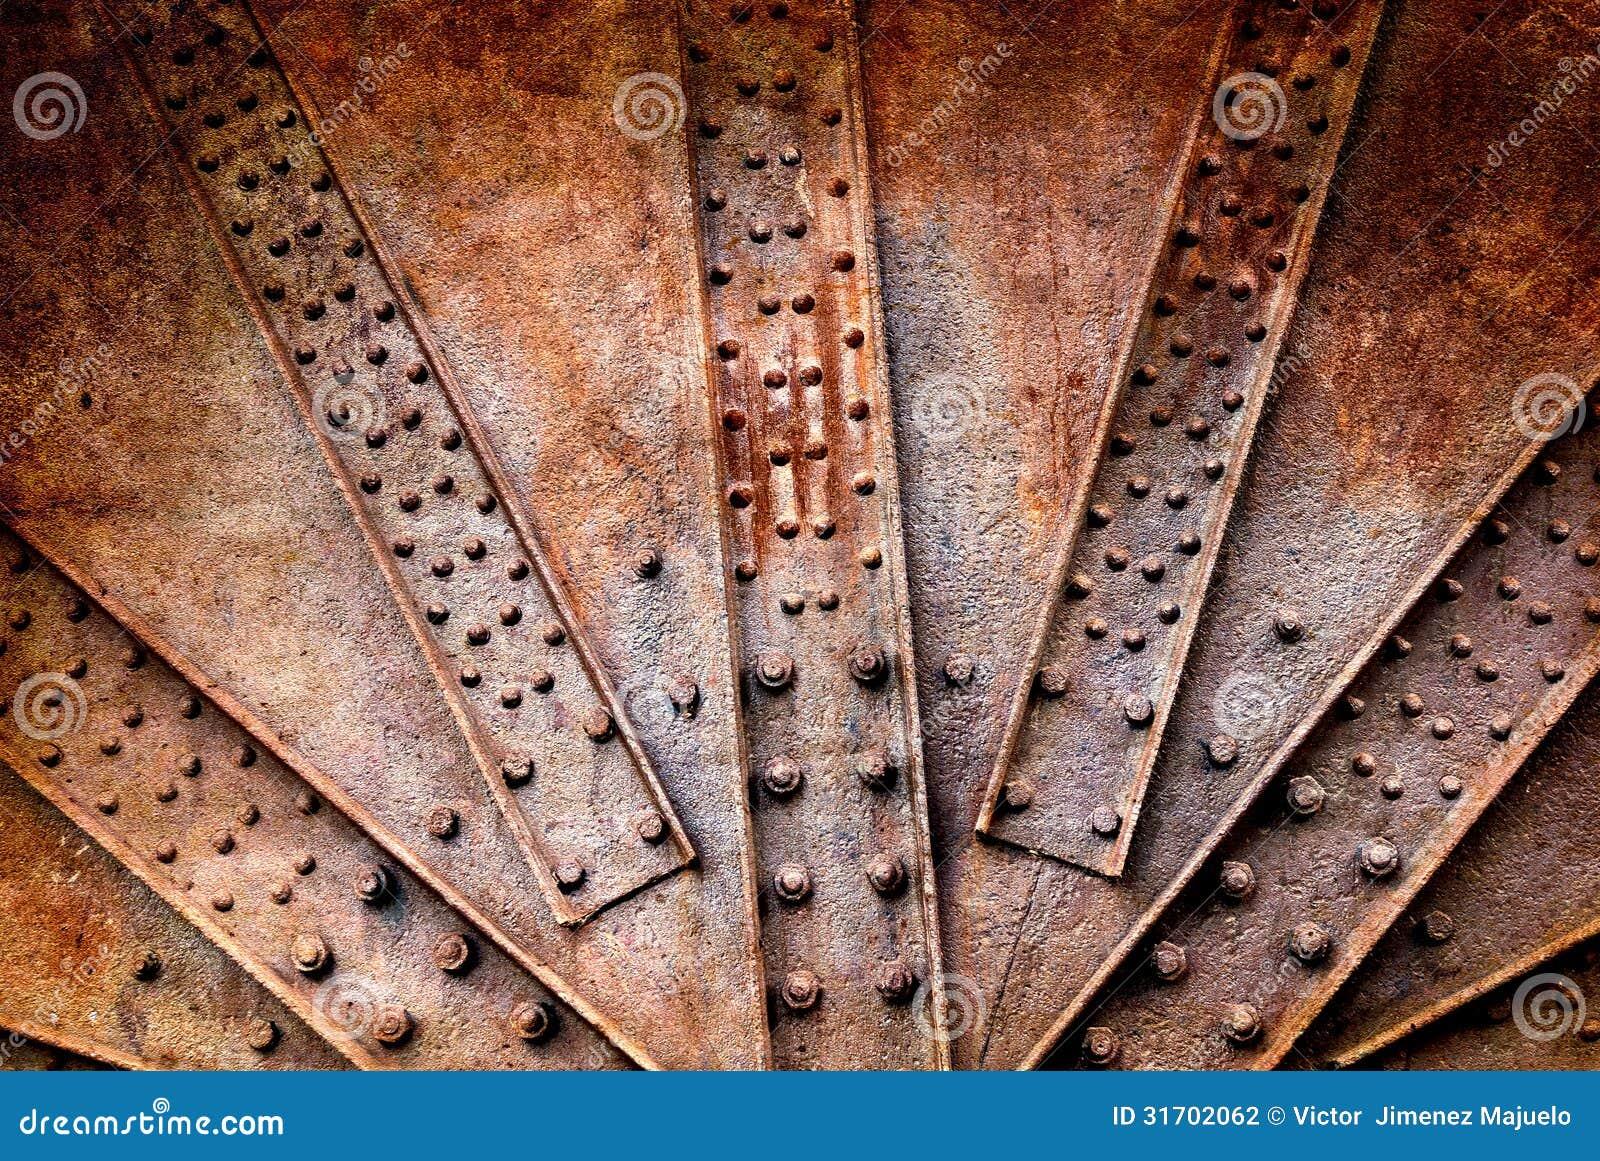 Remaches y tornillo en los metales oxidados fotograf a de for Remaches de hierro